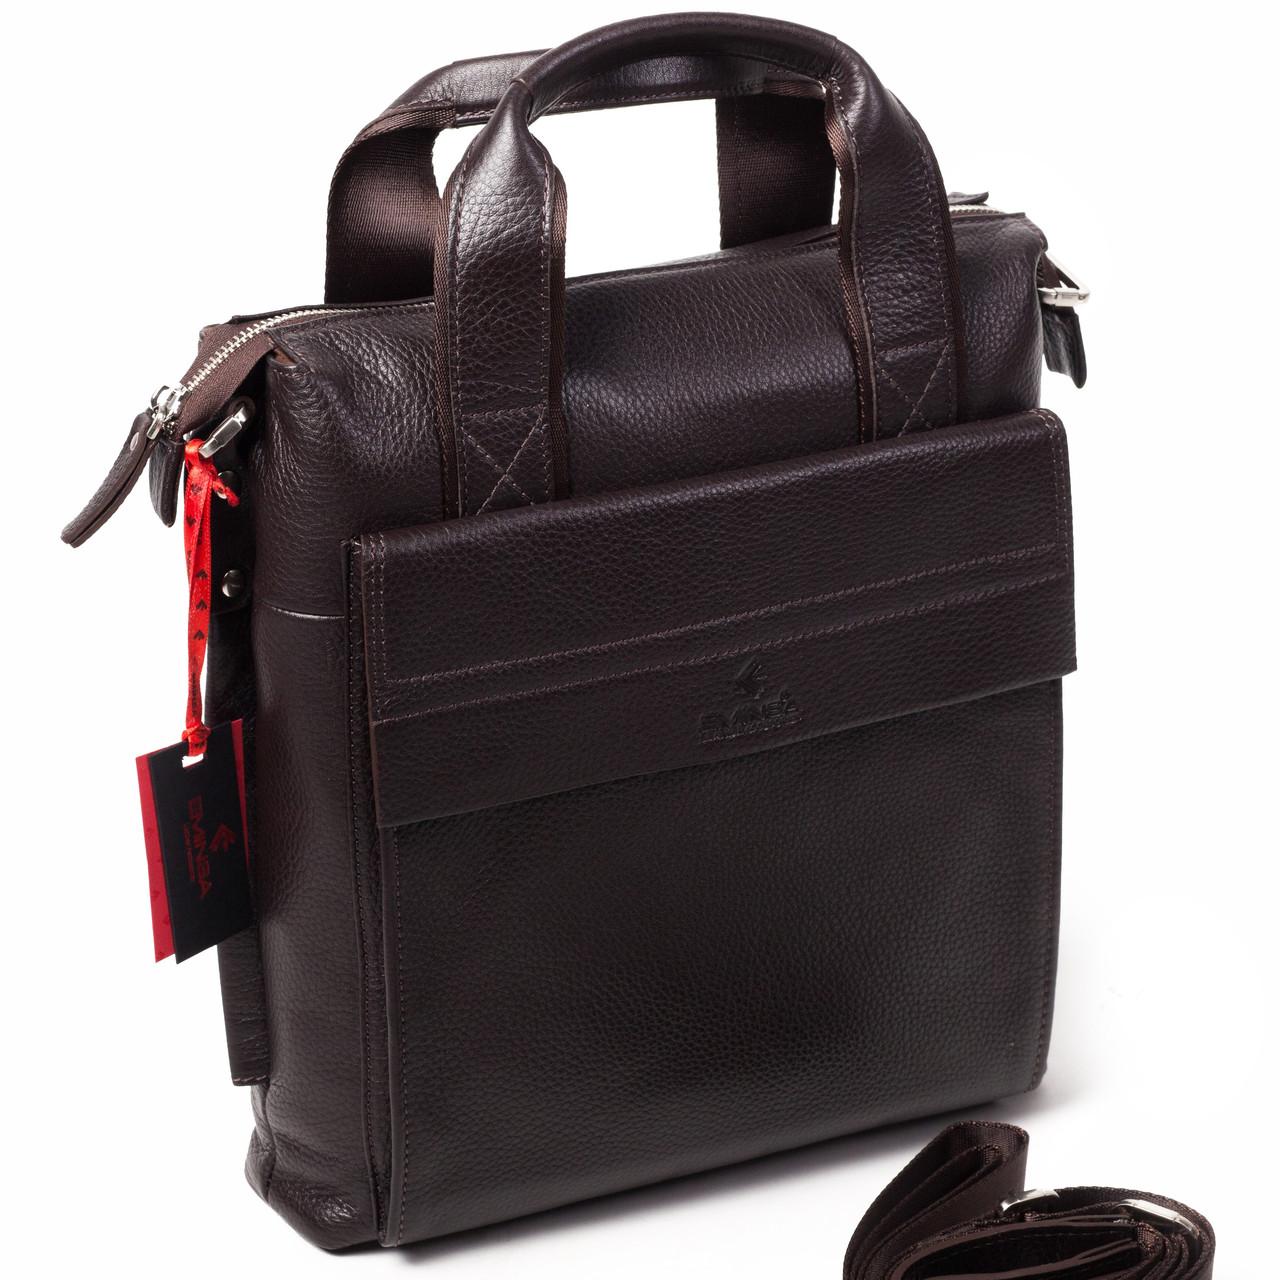 Мужская сумка Eminsa 6038-12-3 кожаная коричневая